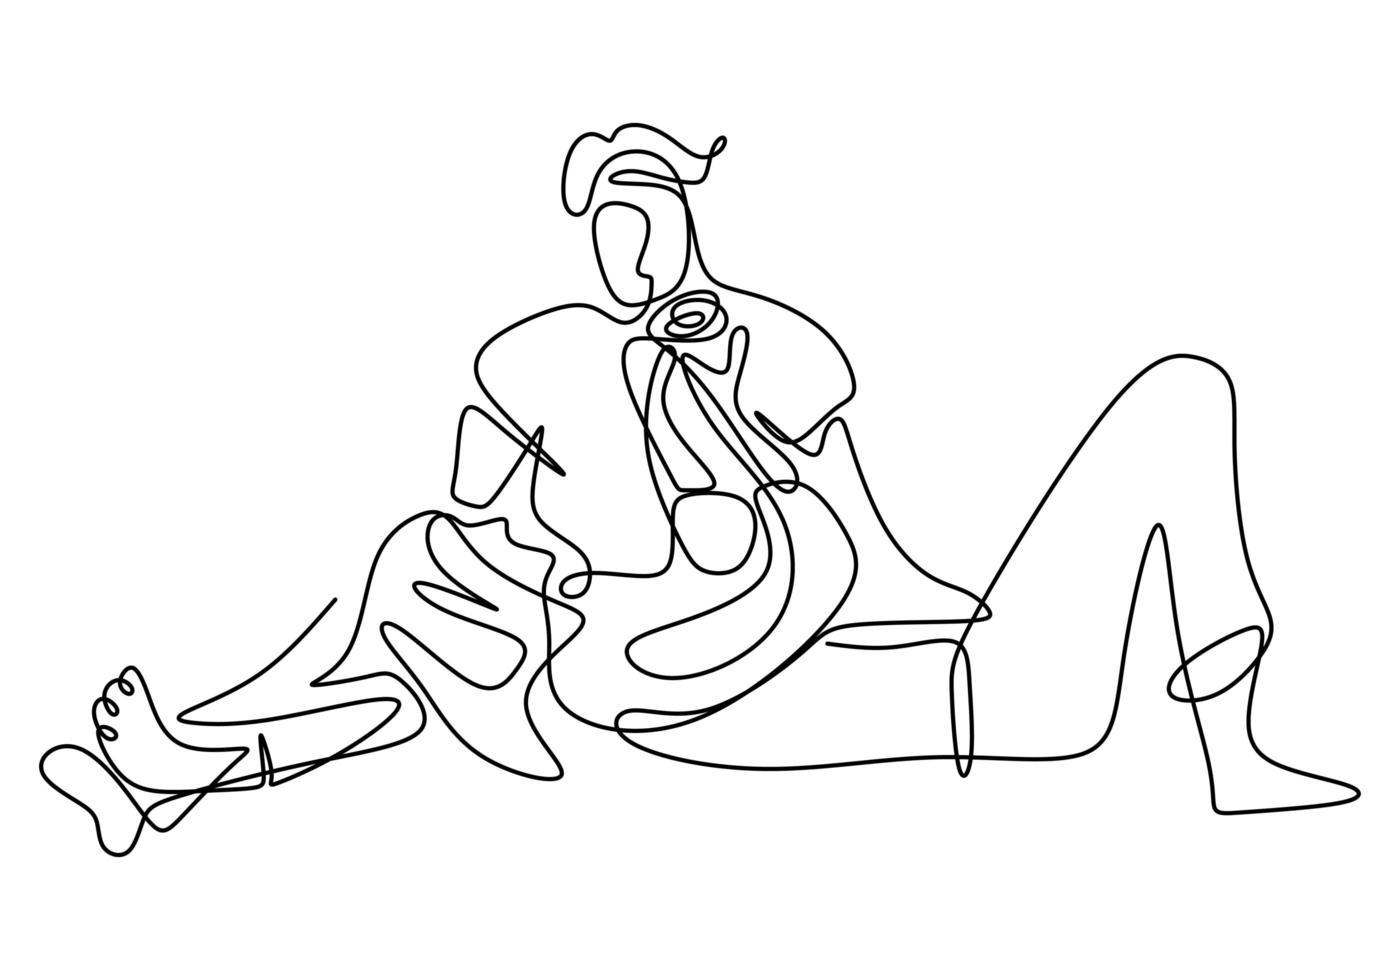 dibujo continuo de una línea, vector de pareja enamorada. diseño minimalista con simplicidad dibujado a mano aislado sobre fondo blanco.